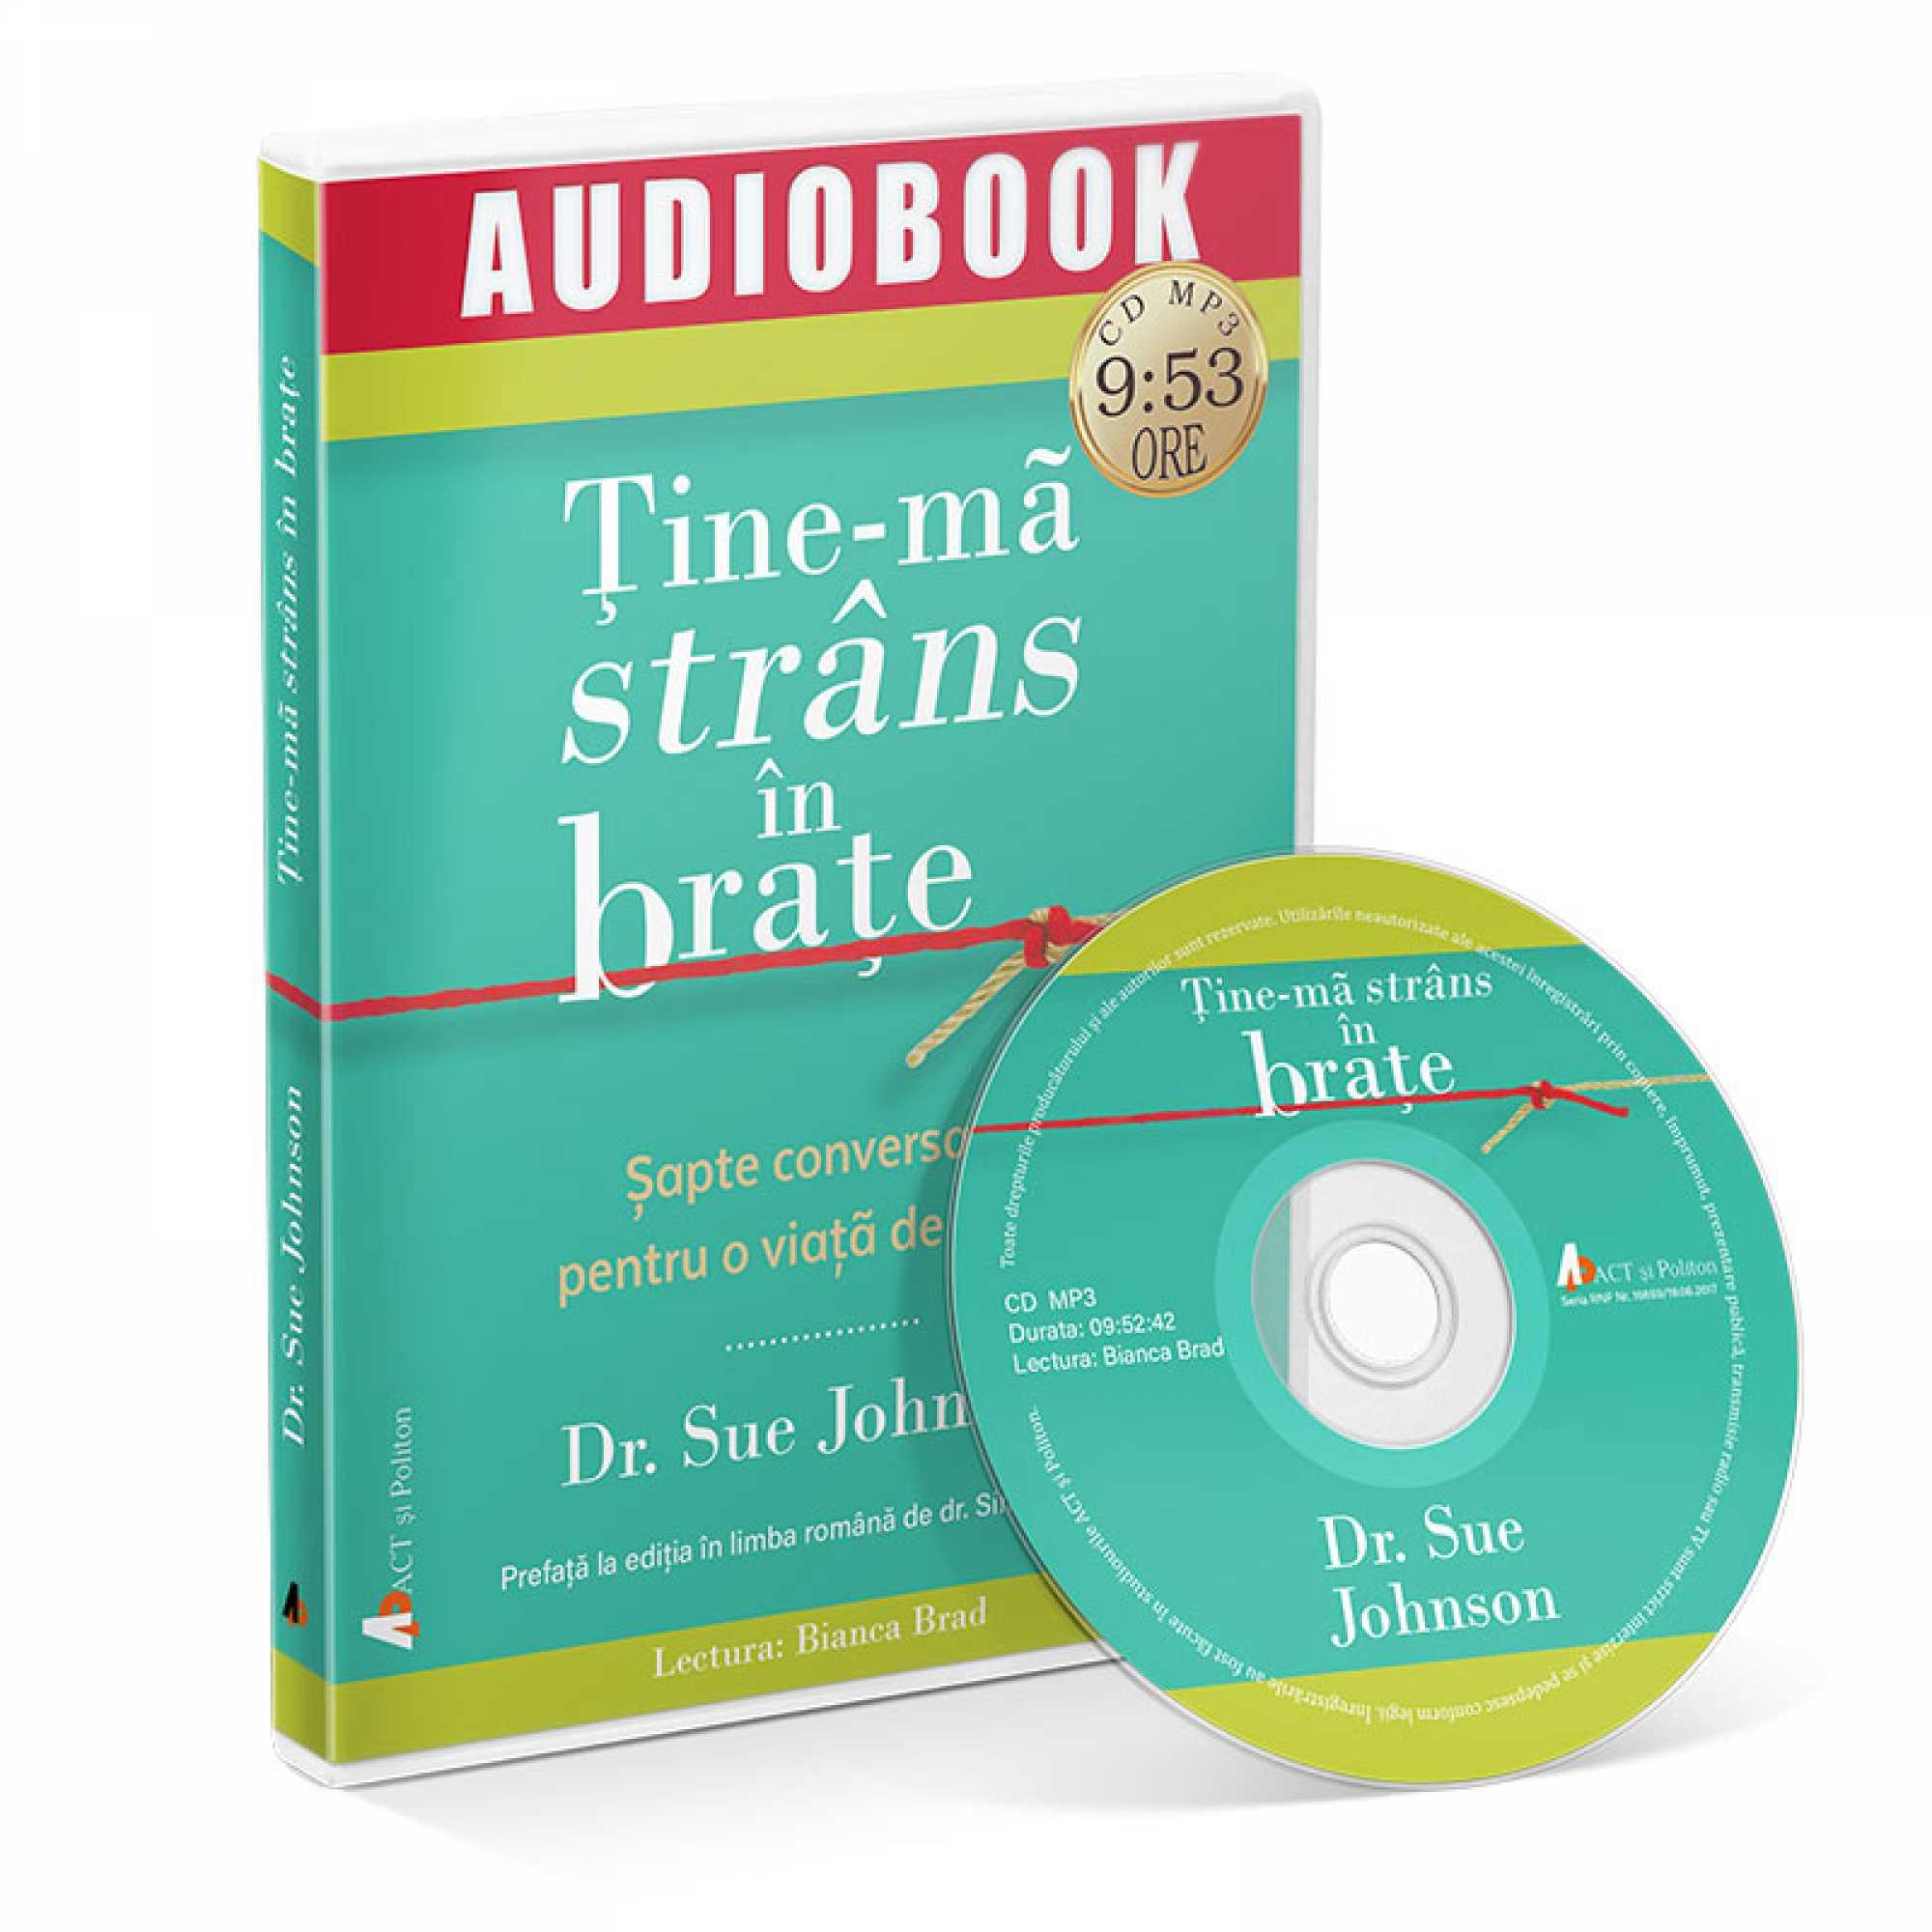 Tine-ma strans in brate - Audiobook | Sue John